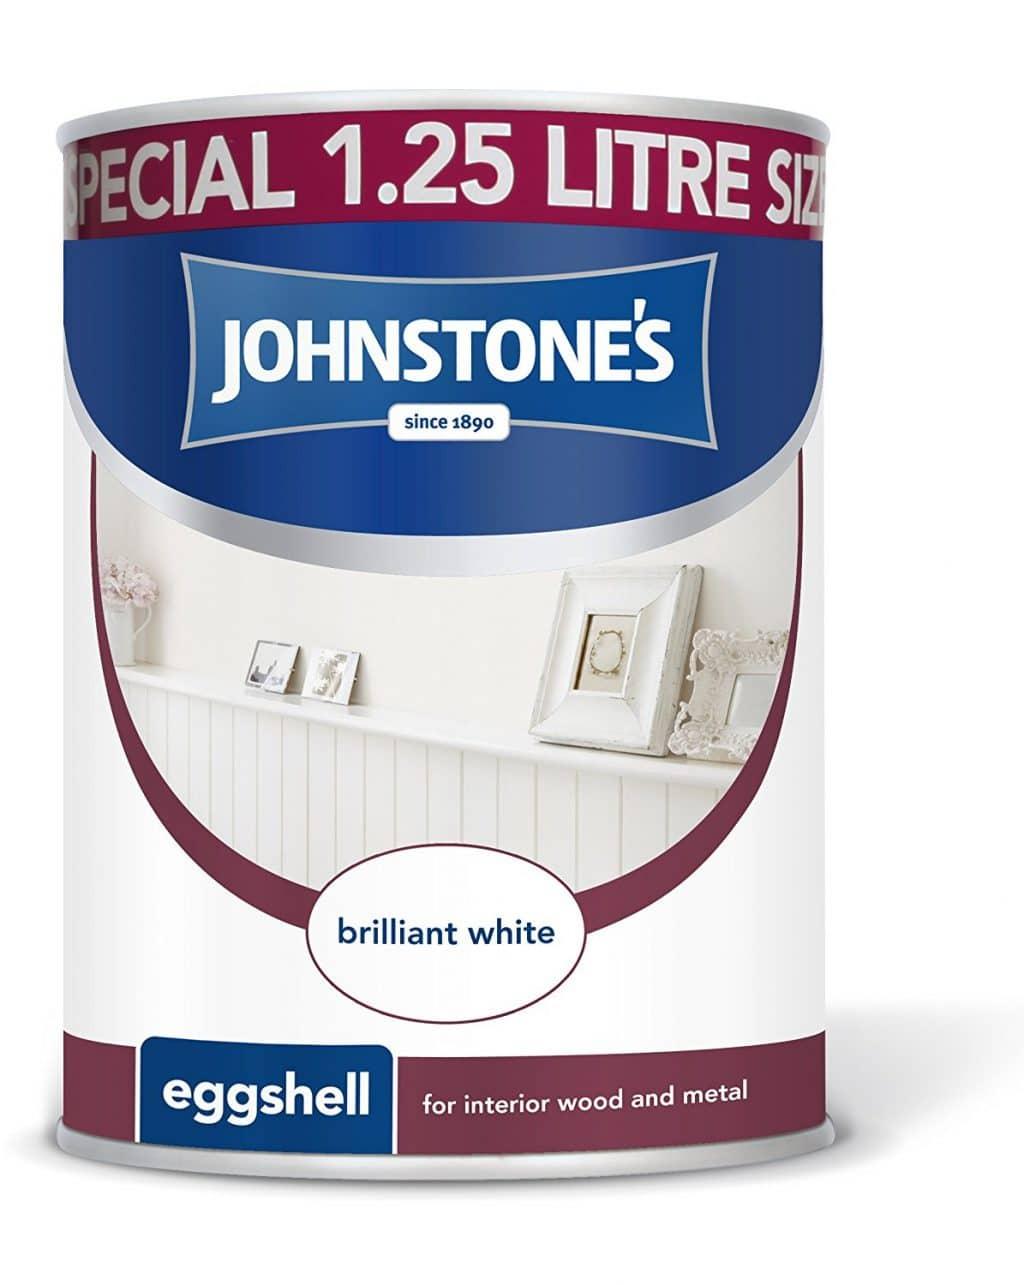 johnstone's brilliant white eggshell paint